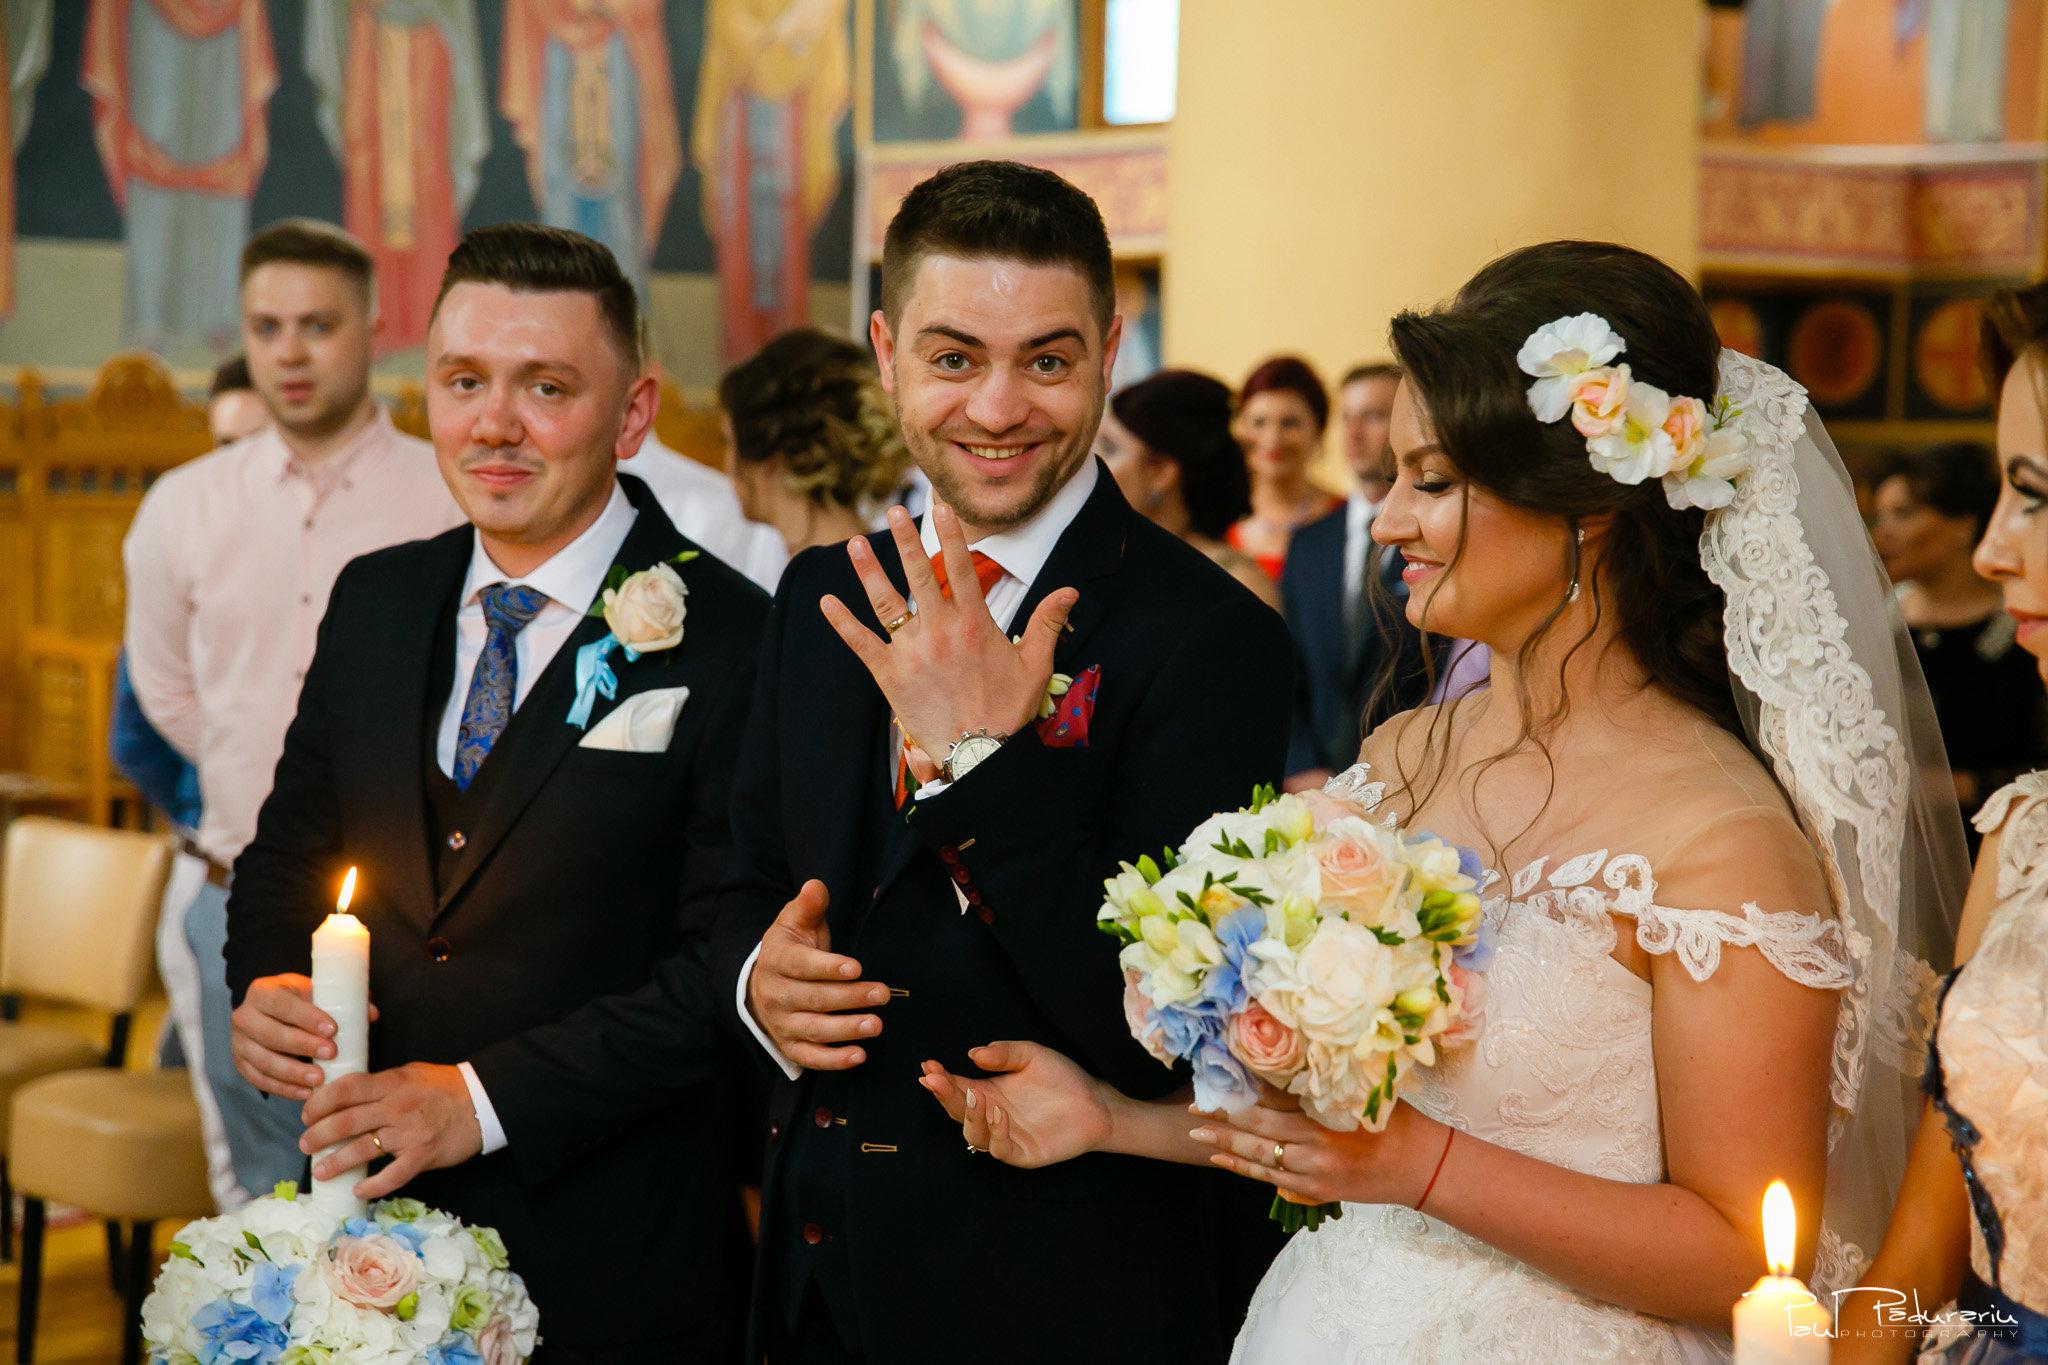 Adriana si Iulian cununie religioasa moment mire - fotograf profesionist Iasi www.paulpadurariu.ro © 2017 Paul Padurariu